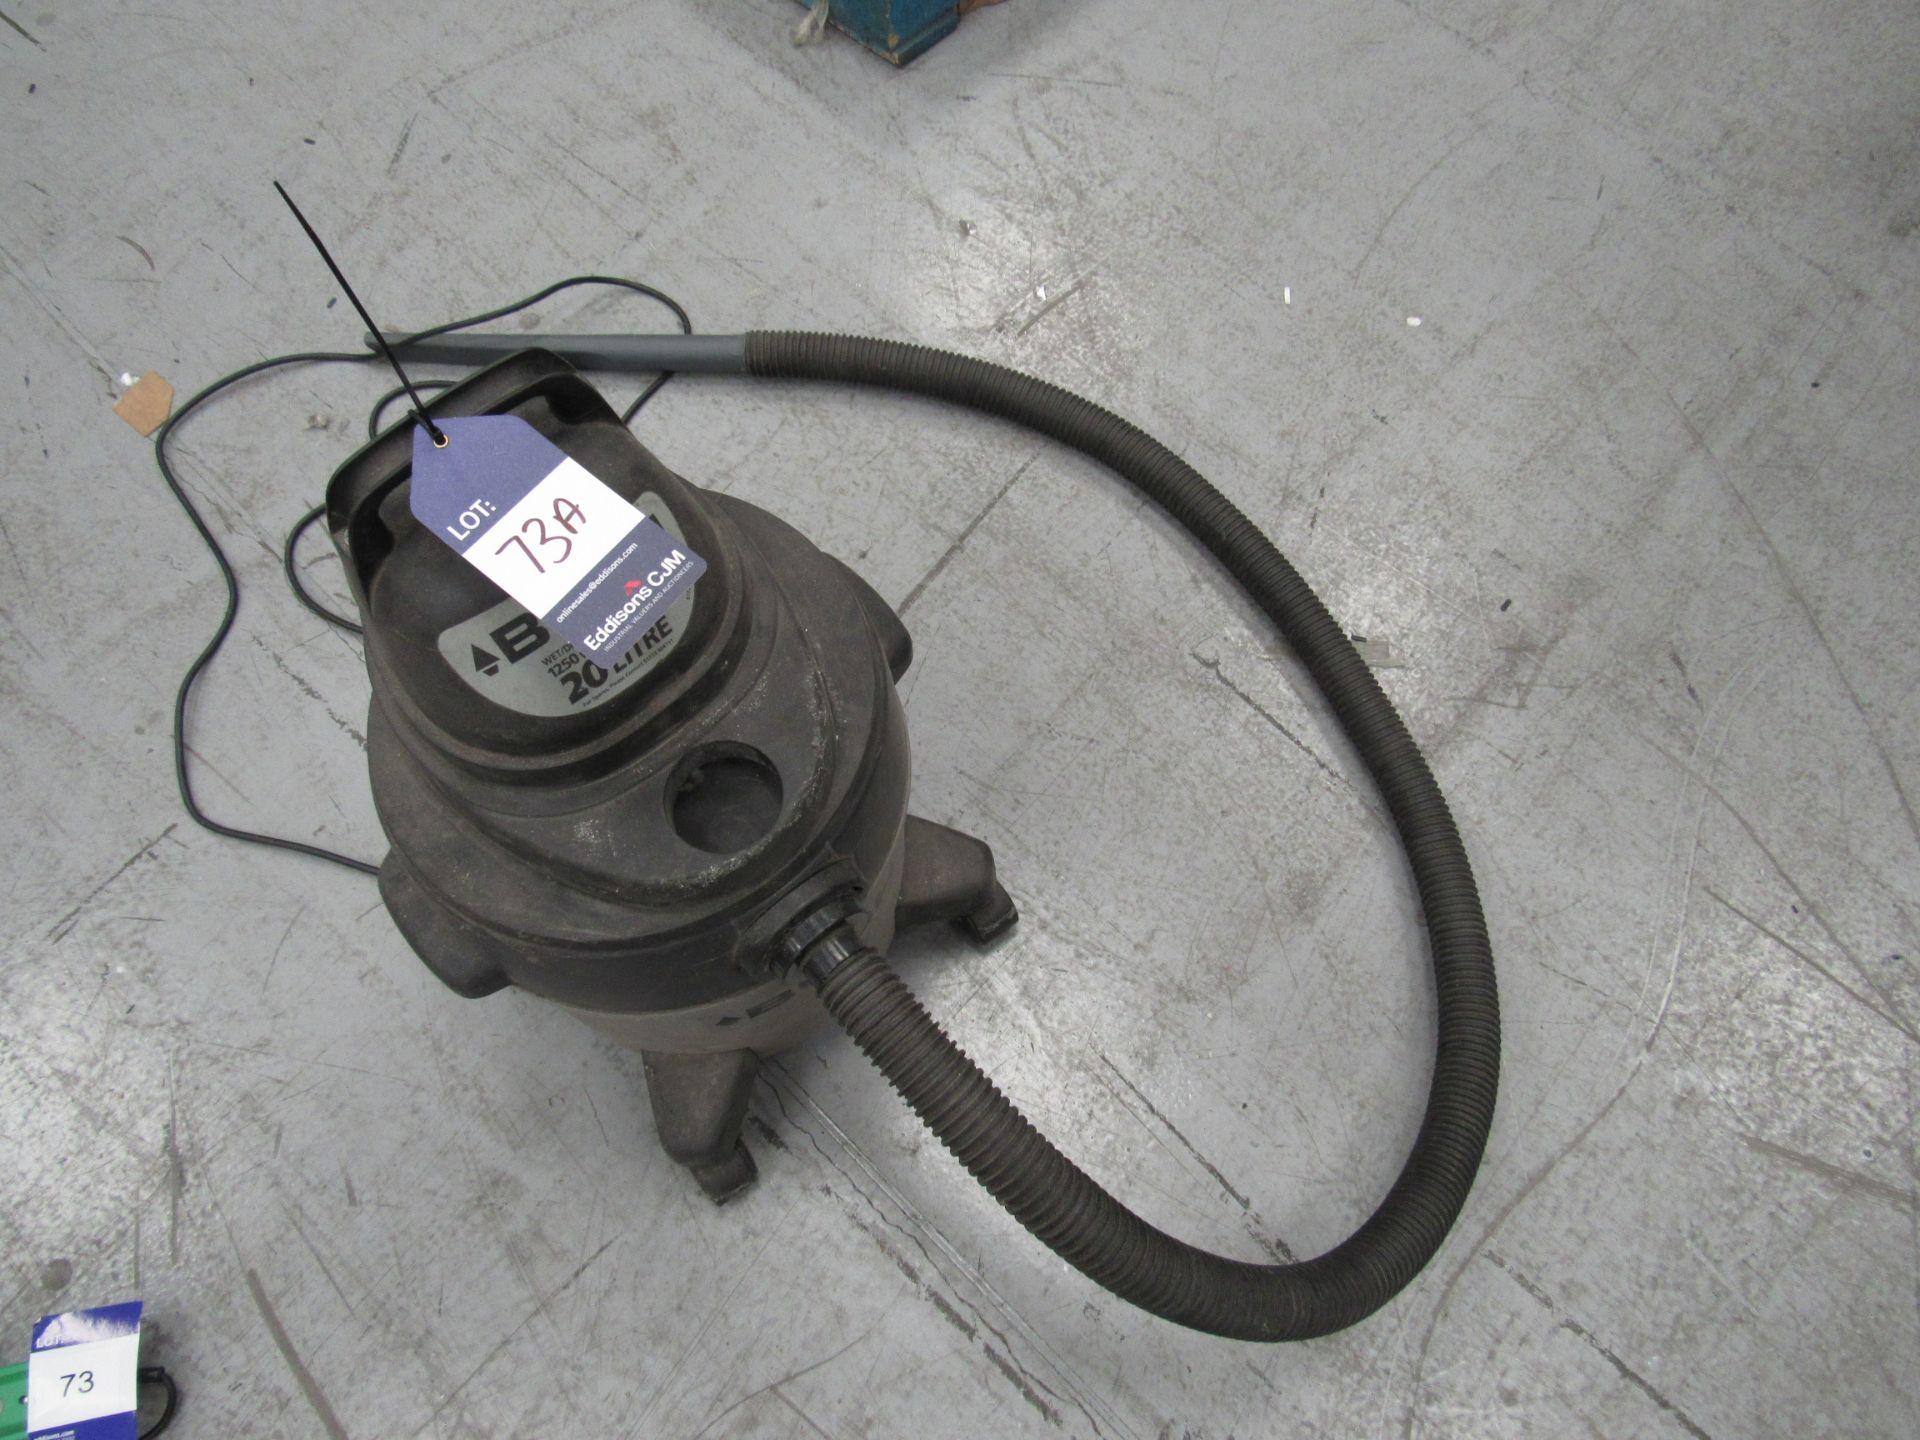 Bush 1250w, 20 Litre Wet/Dry Vacuum - Image 2 of 3